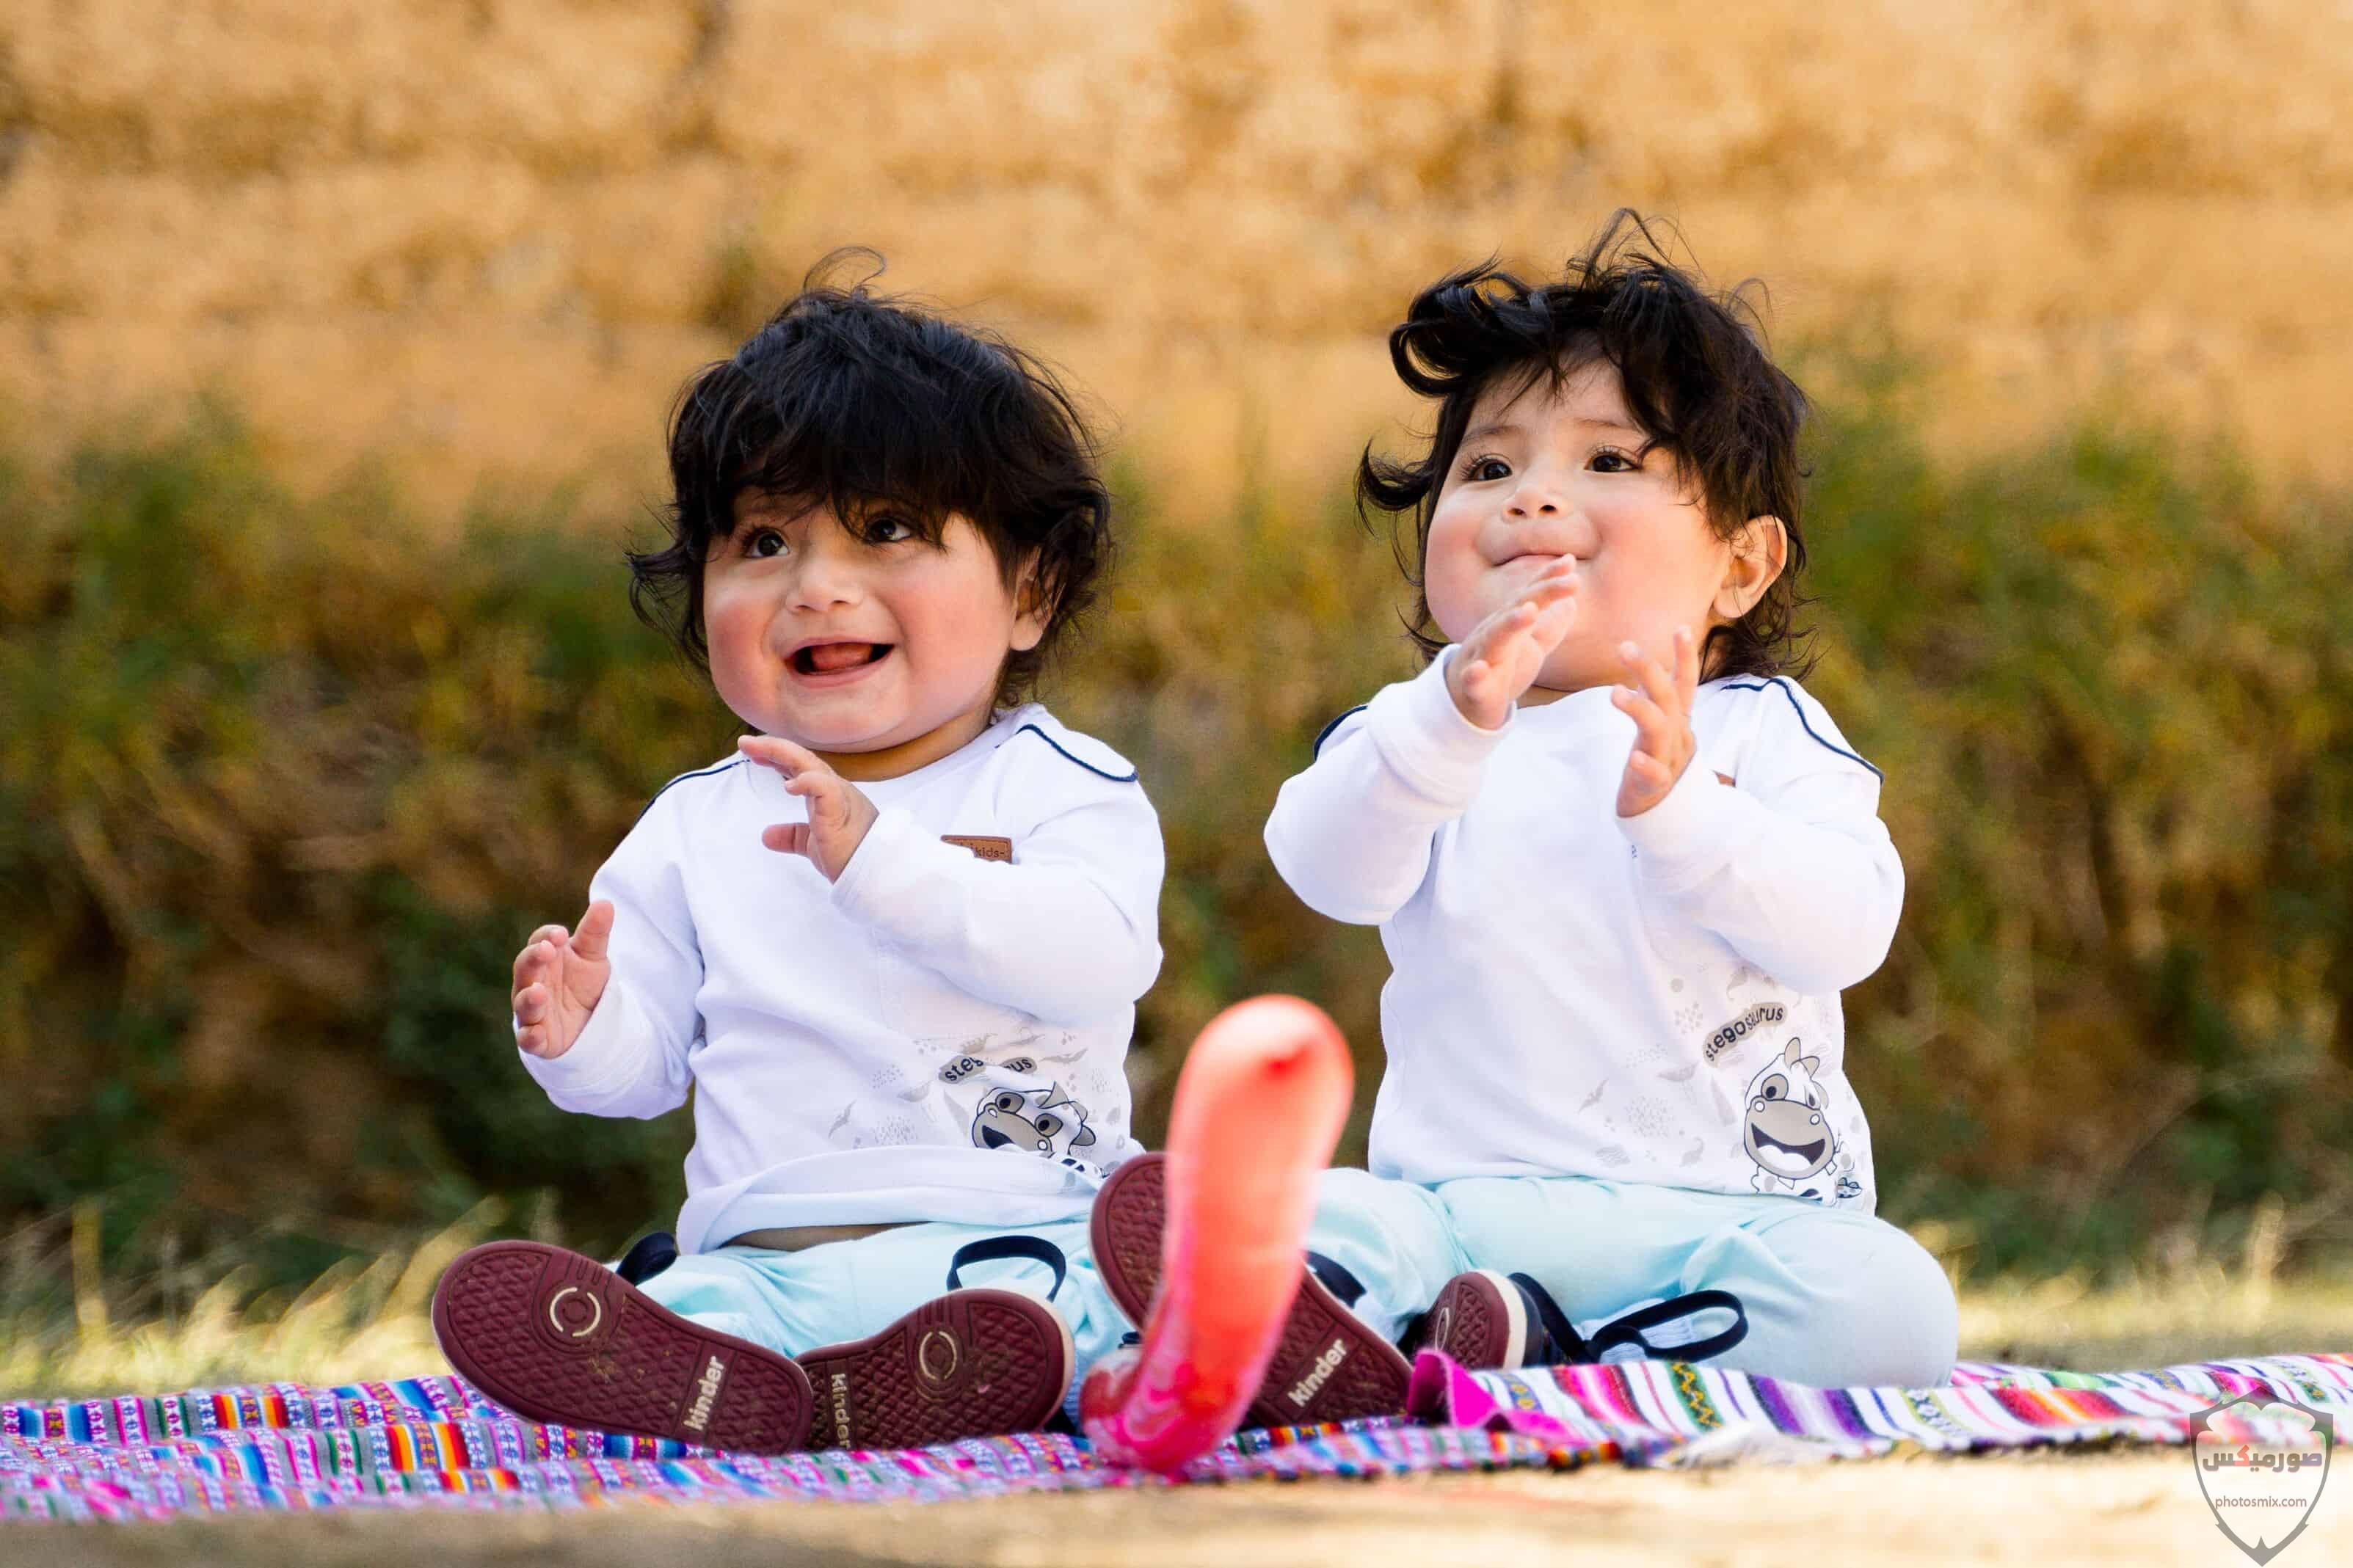 صور اطفال 2021 تحميل اكثر من 100 صور اطفال جميلة صور اطفال روعة 2020 5 1